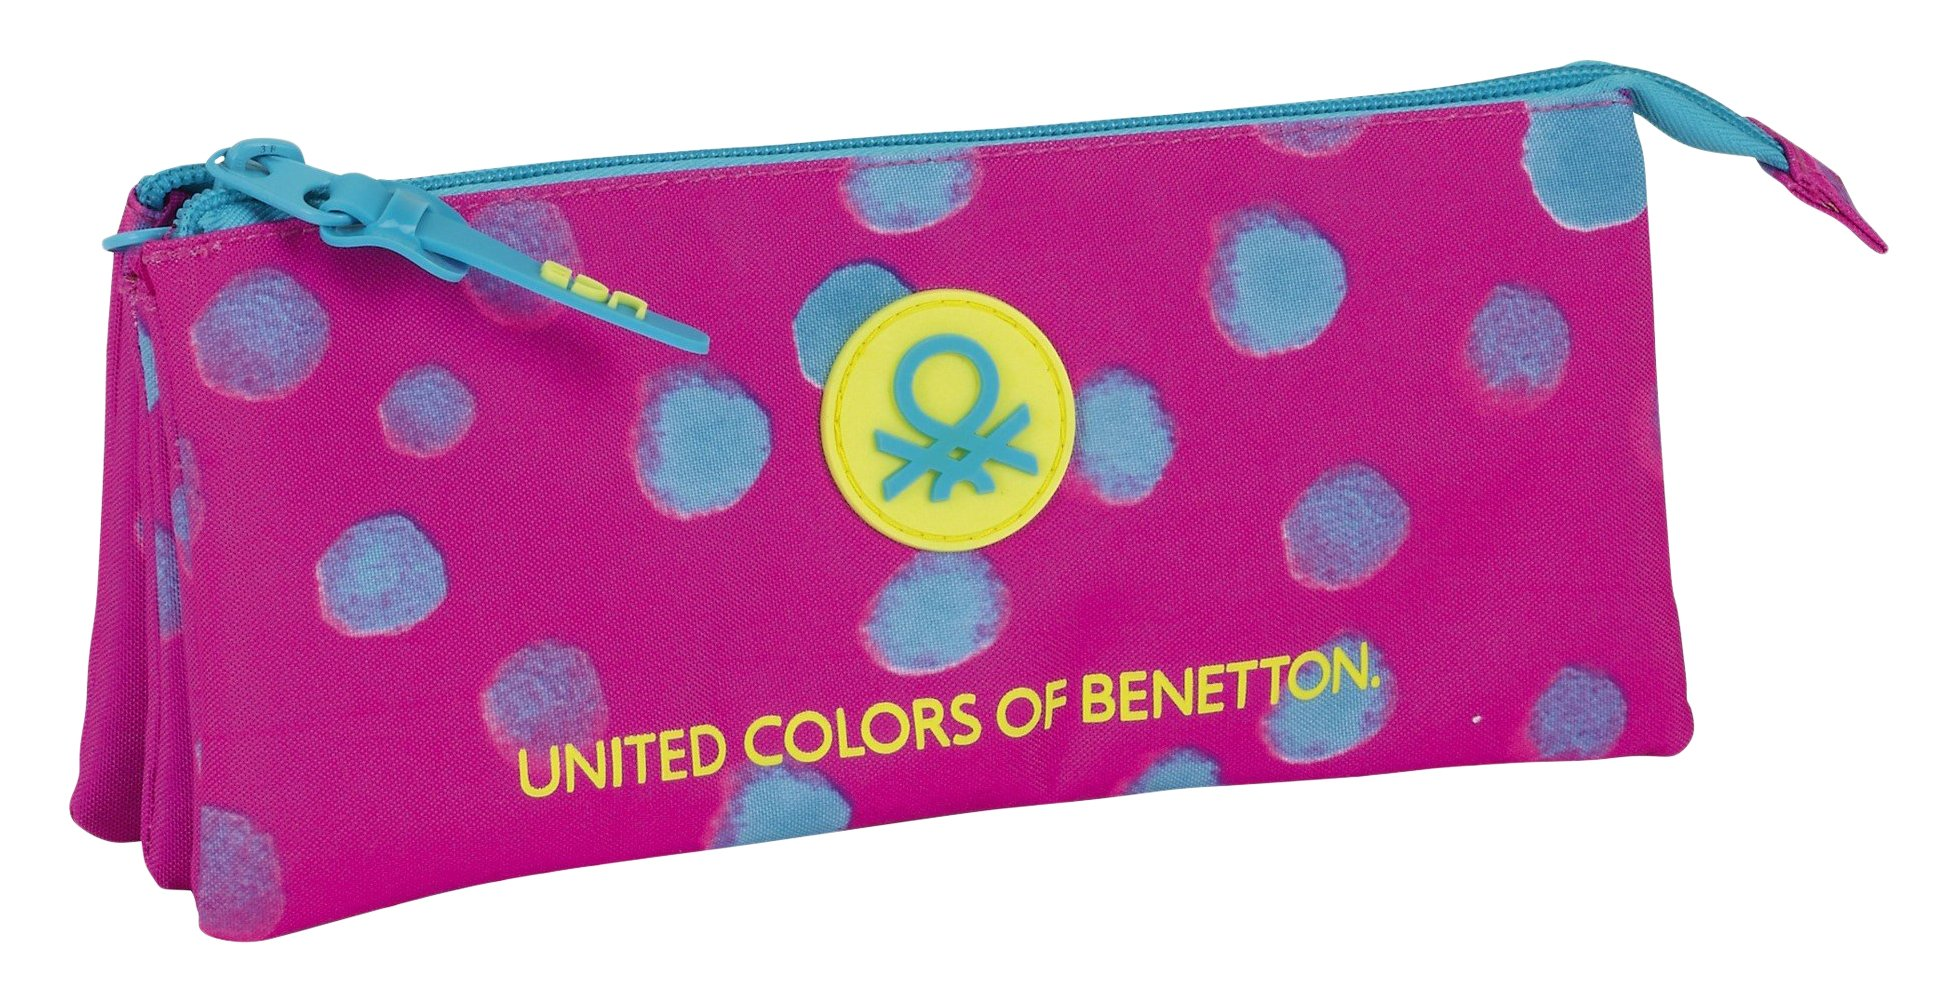 Benetton- Estuche portatodo Triple, Uacutenica (SAFTA 811750744)